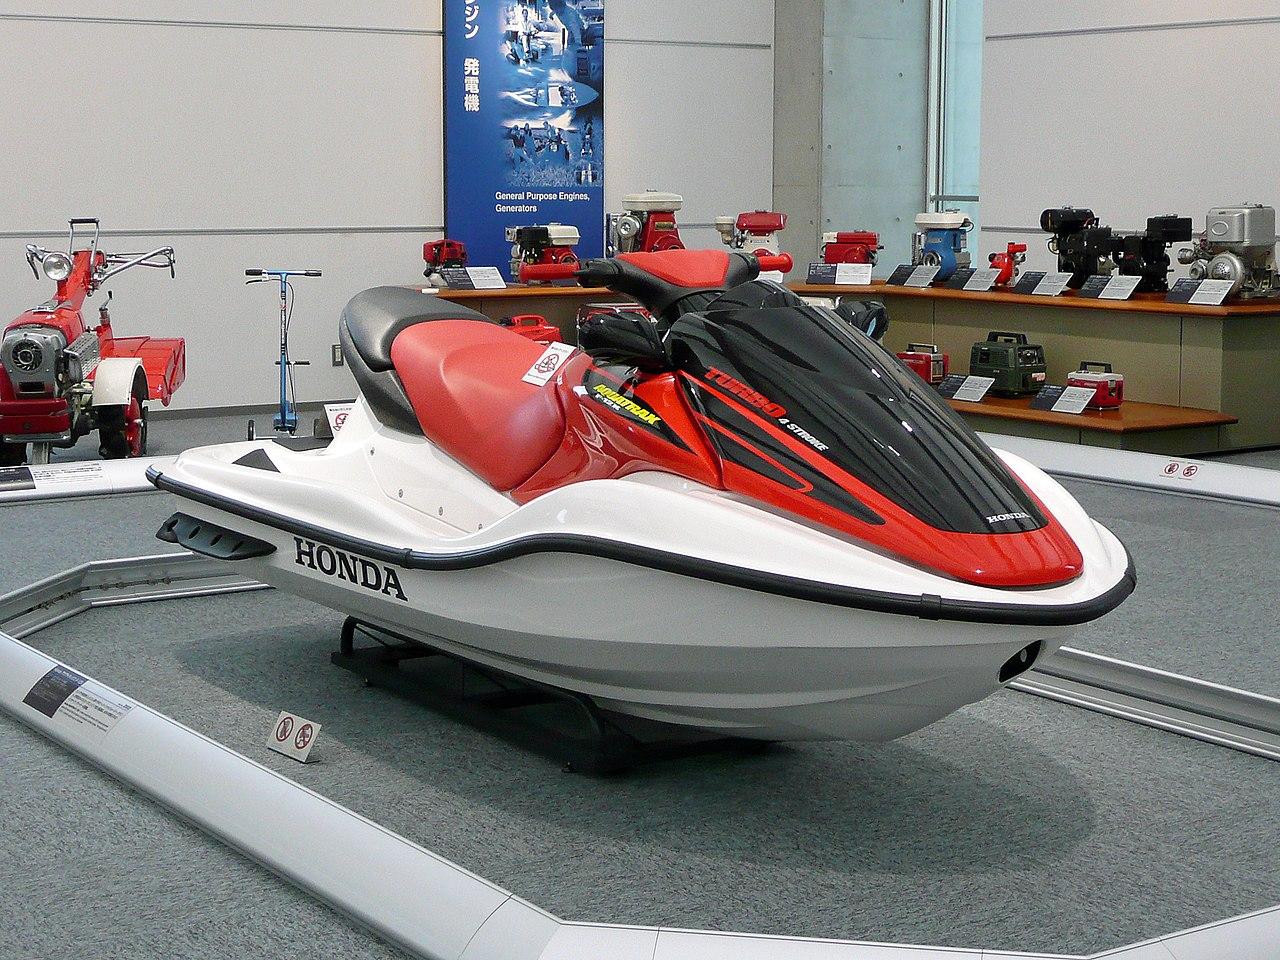 File:Honda Aqua Trax F-12x turbo.jpg - Wikimedia Commons on